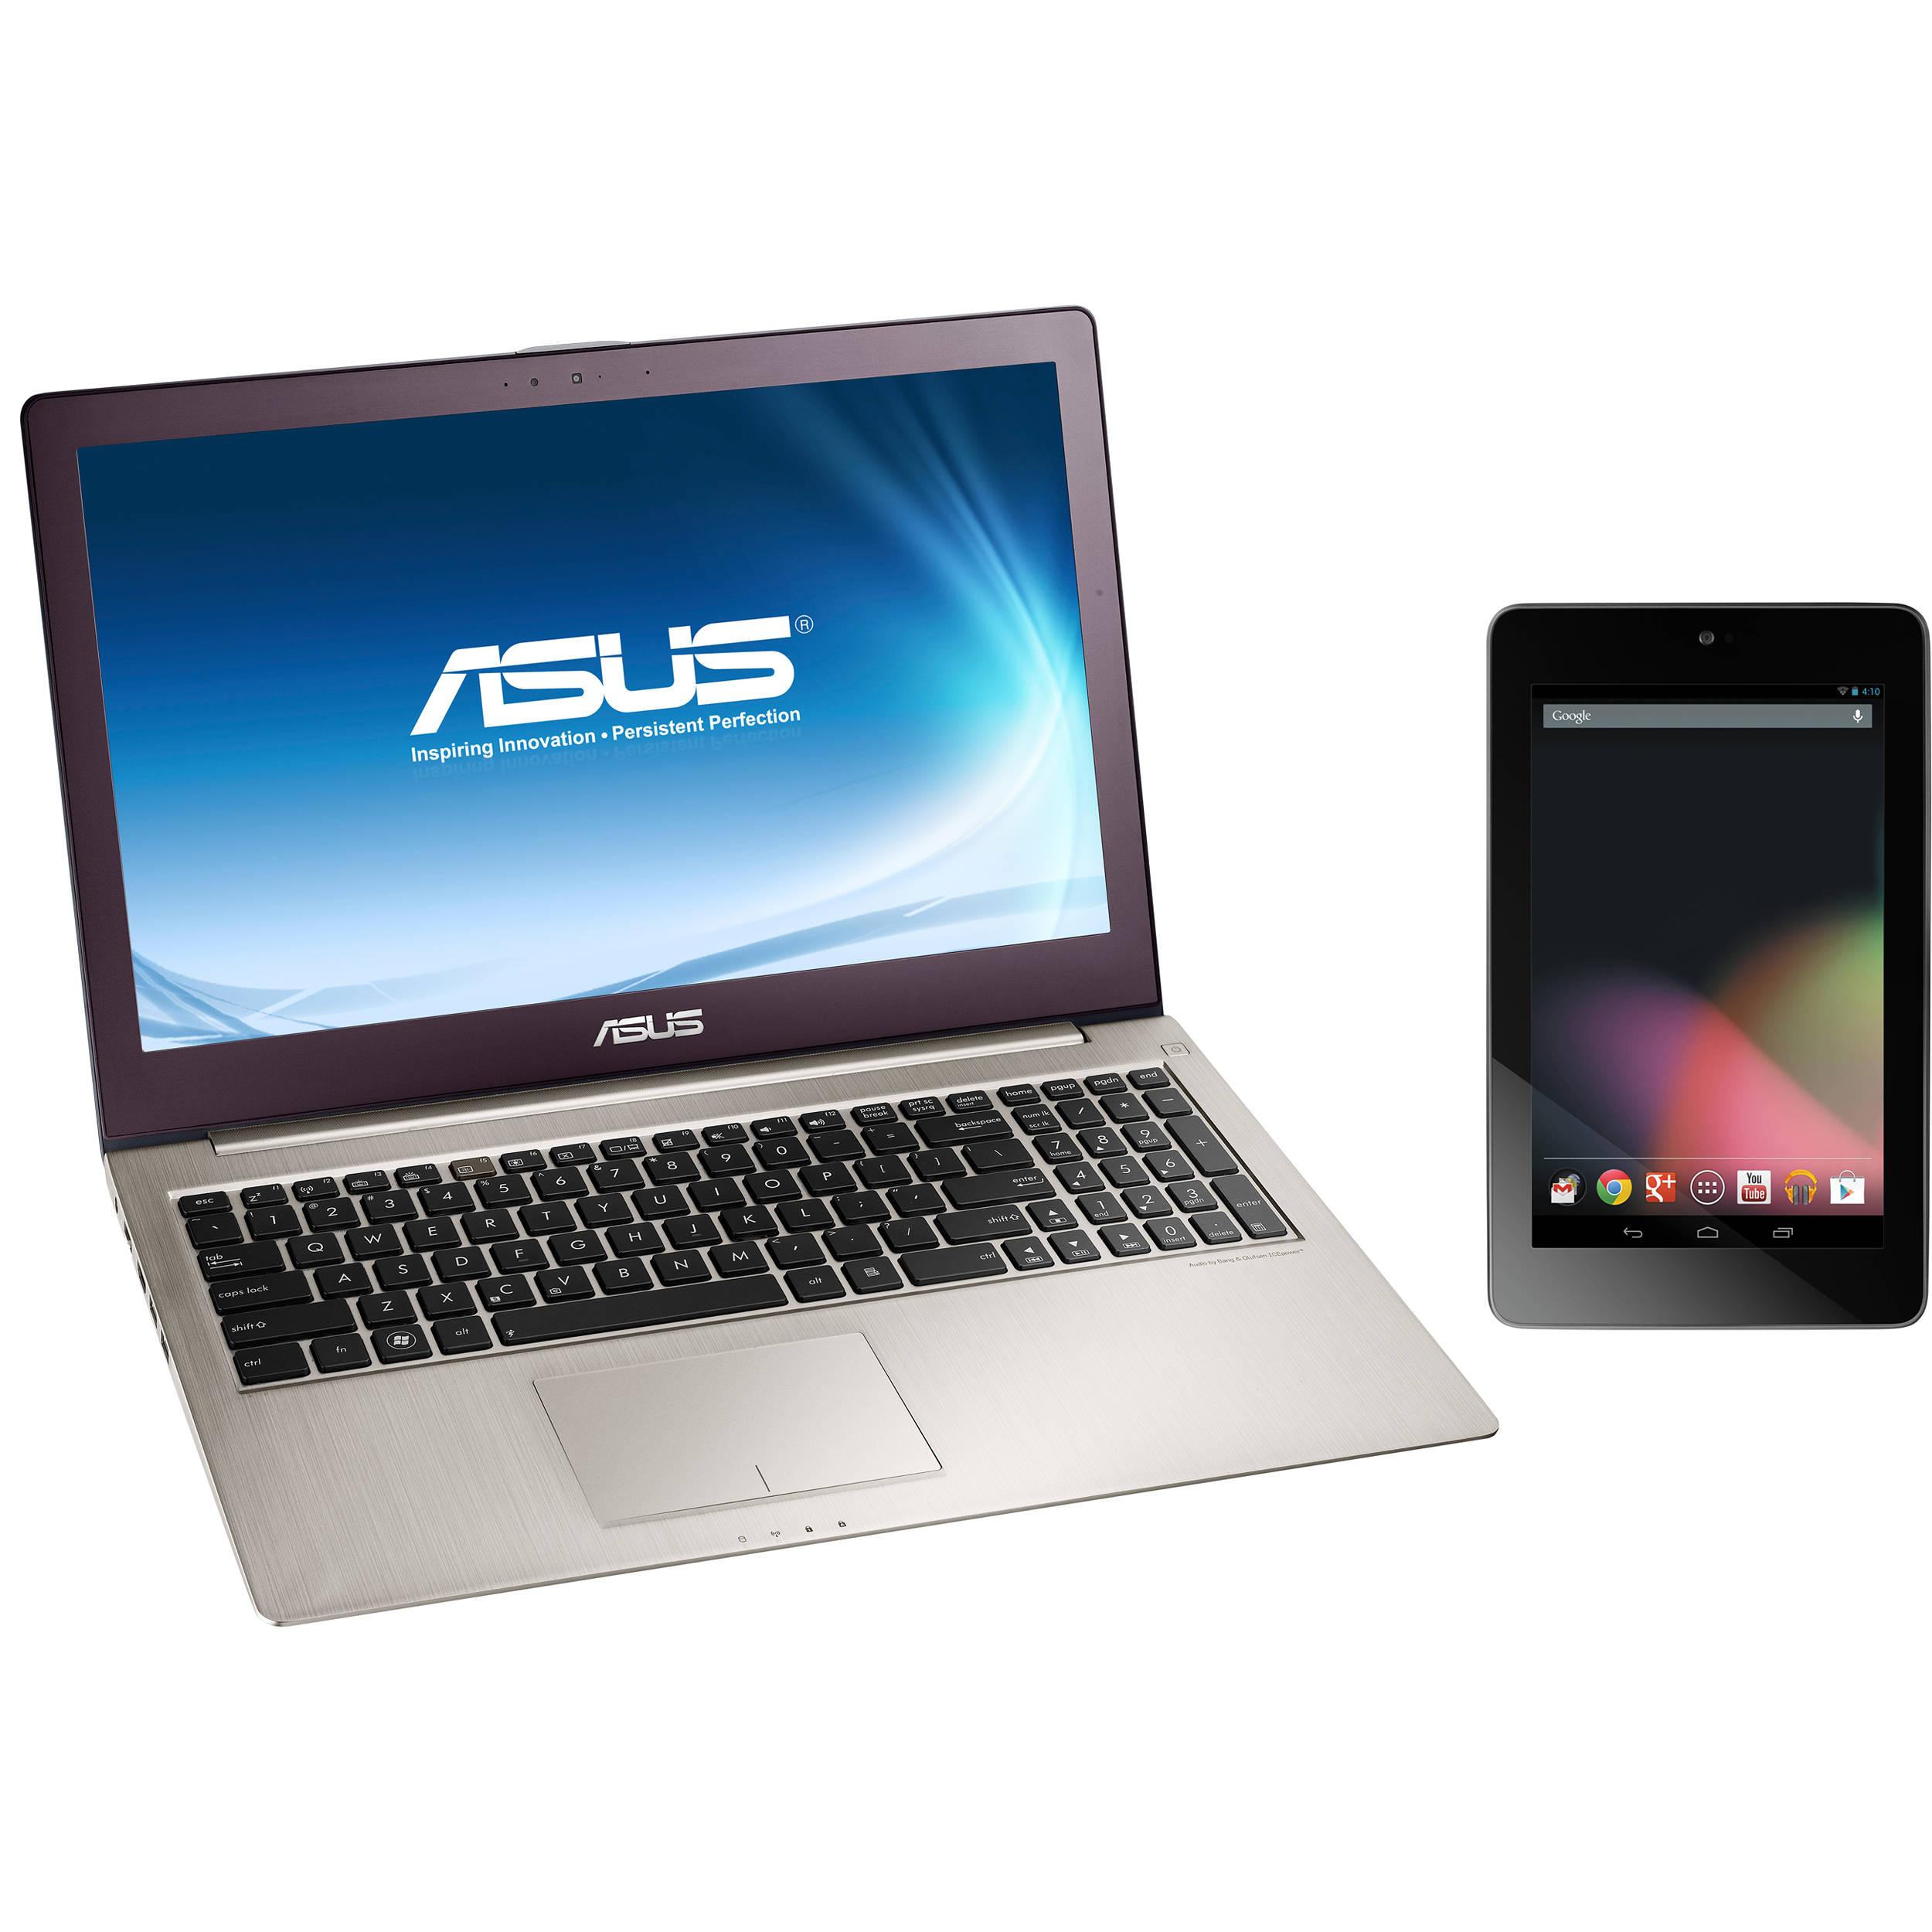 Asus UX51VZA Drivers Mac